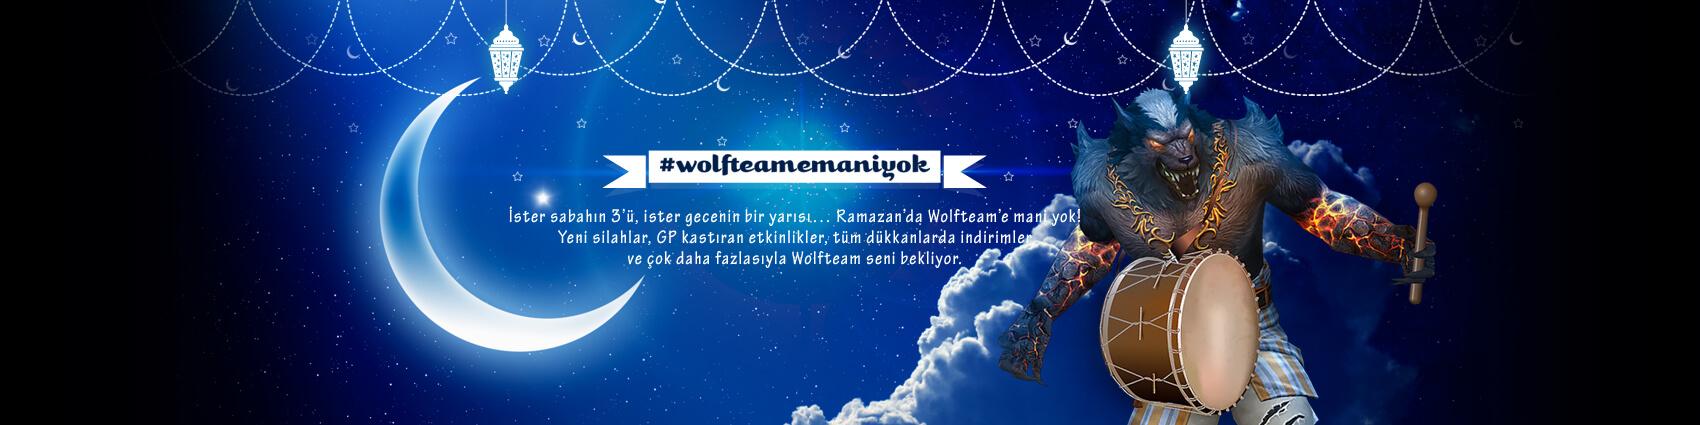 Wolfteam Ramazan Özel